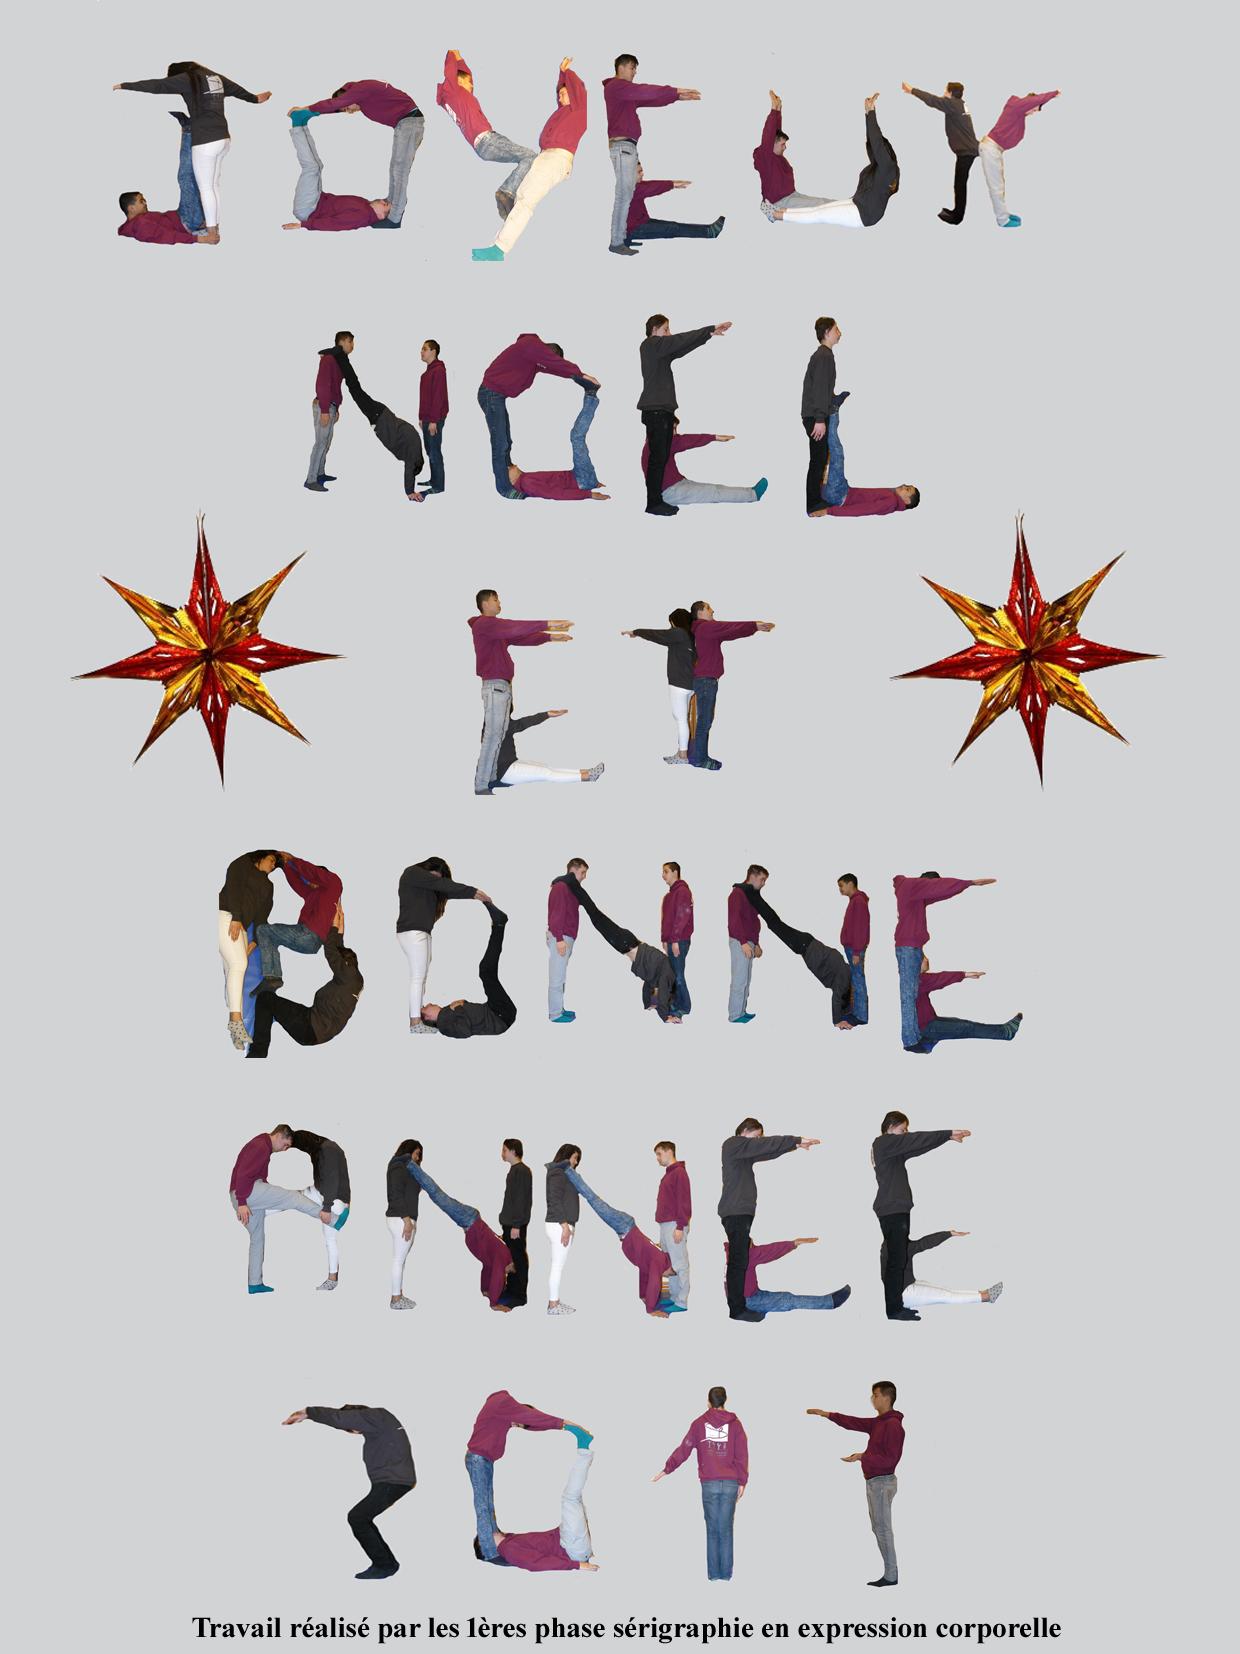 Etablissement Sainte-Bernadette vous présente ses meilleurs vœux pour l'année nouvelle